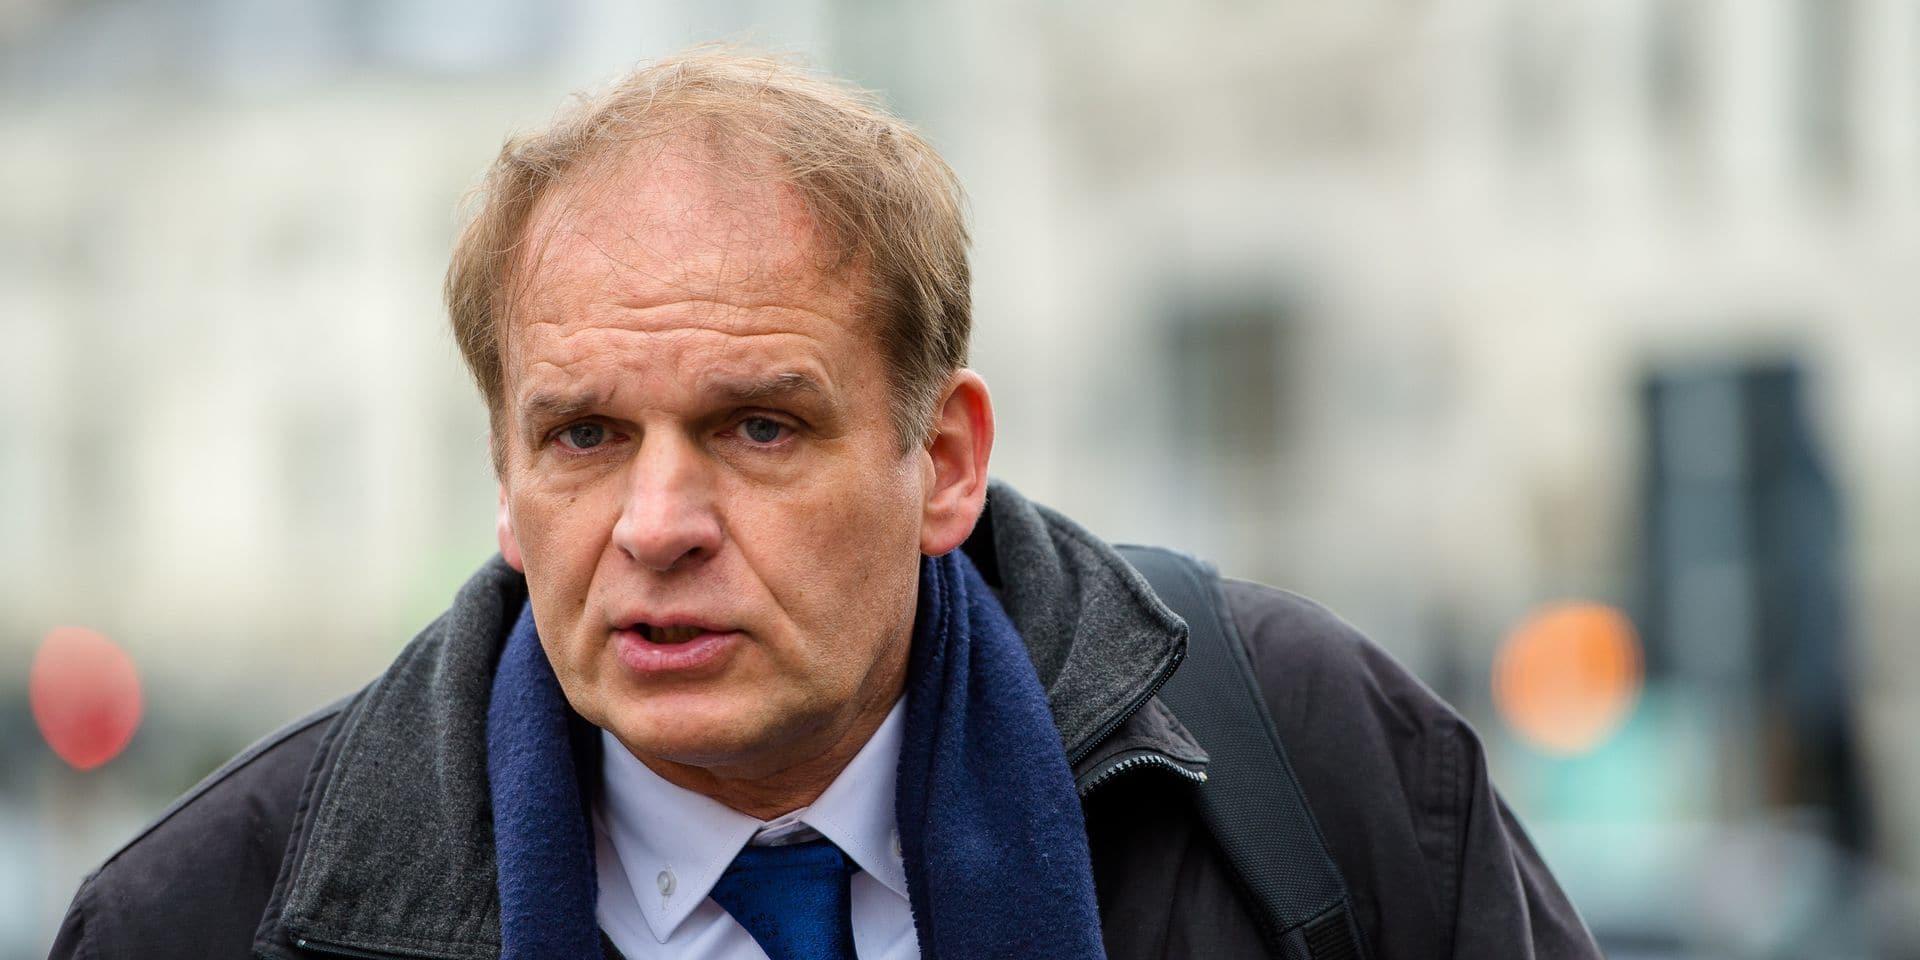 Ixelles : Alain Destexhe ne poussera finalement pas la liste MR !